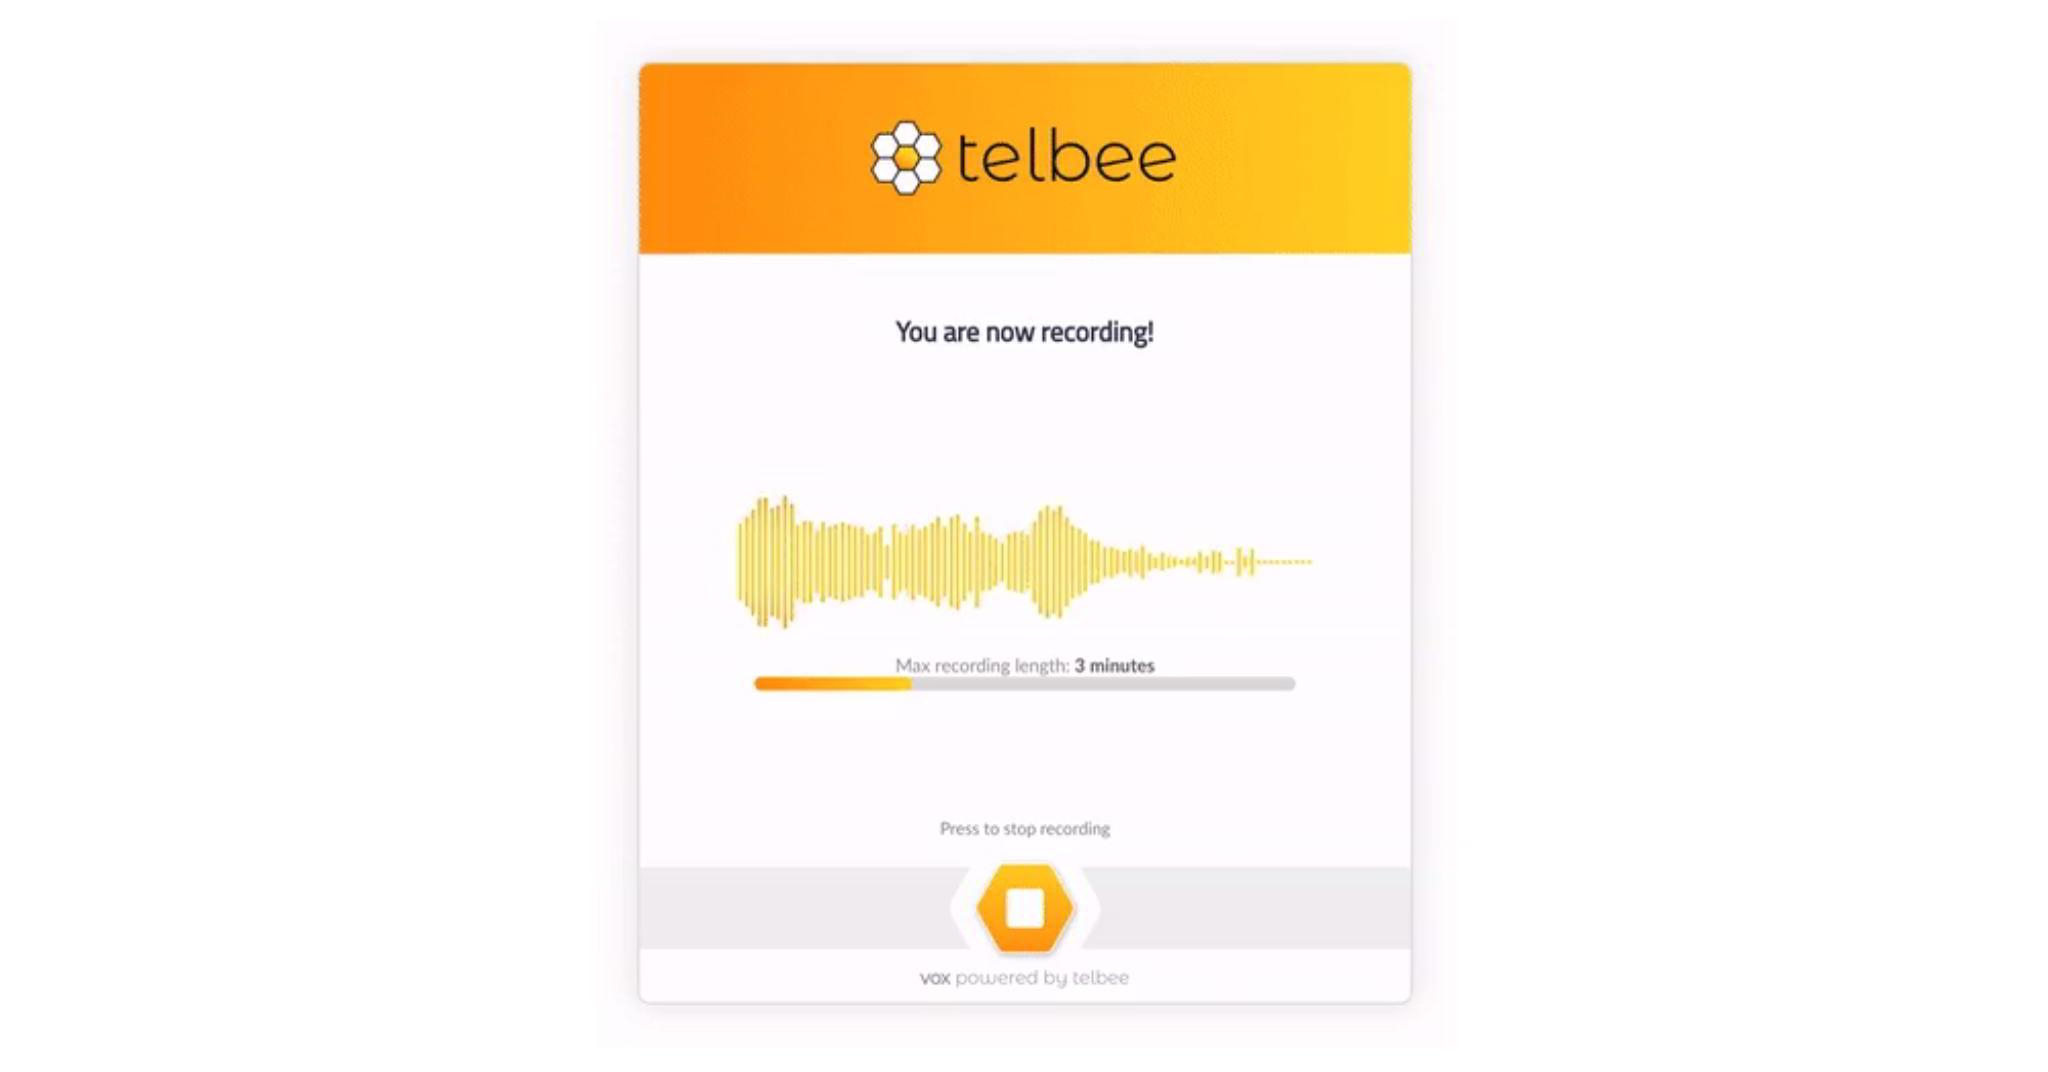 telbee